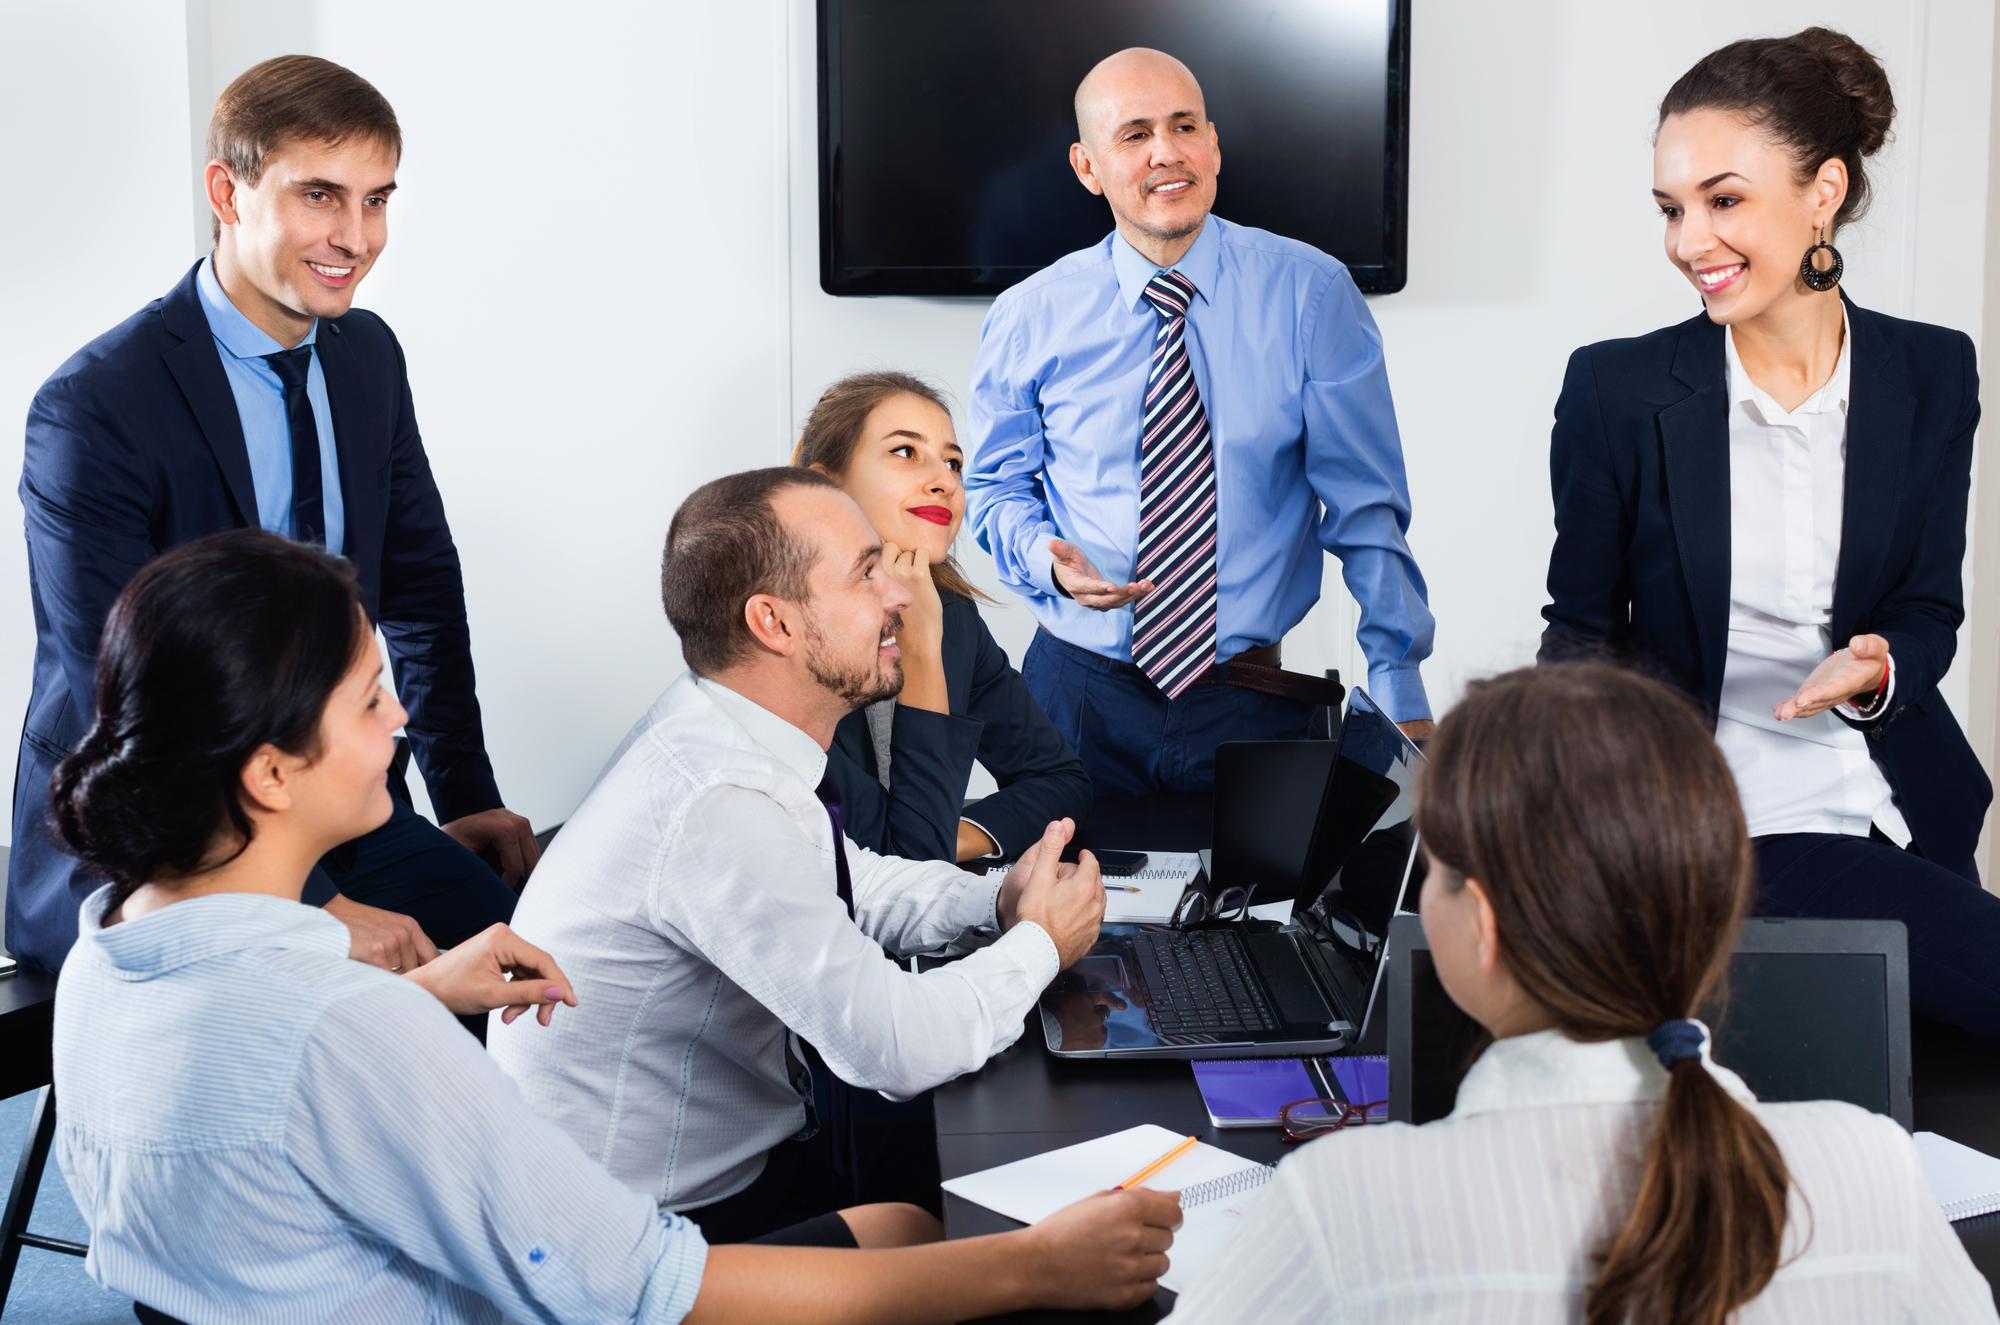 エンジニアのマネジメント意義について解説|マネジメント管理ツールWBSも紹介のアイキャッチイメージ